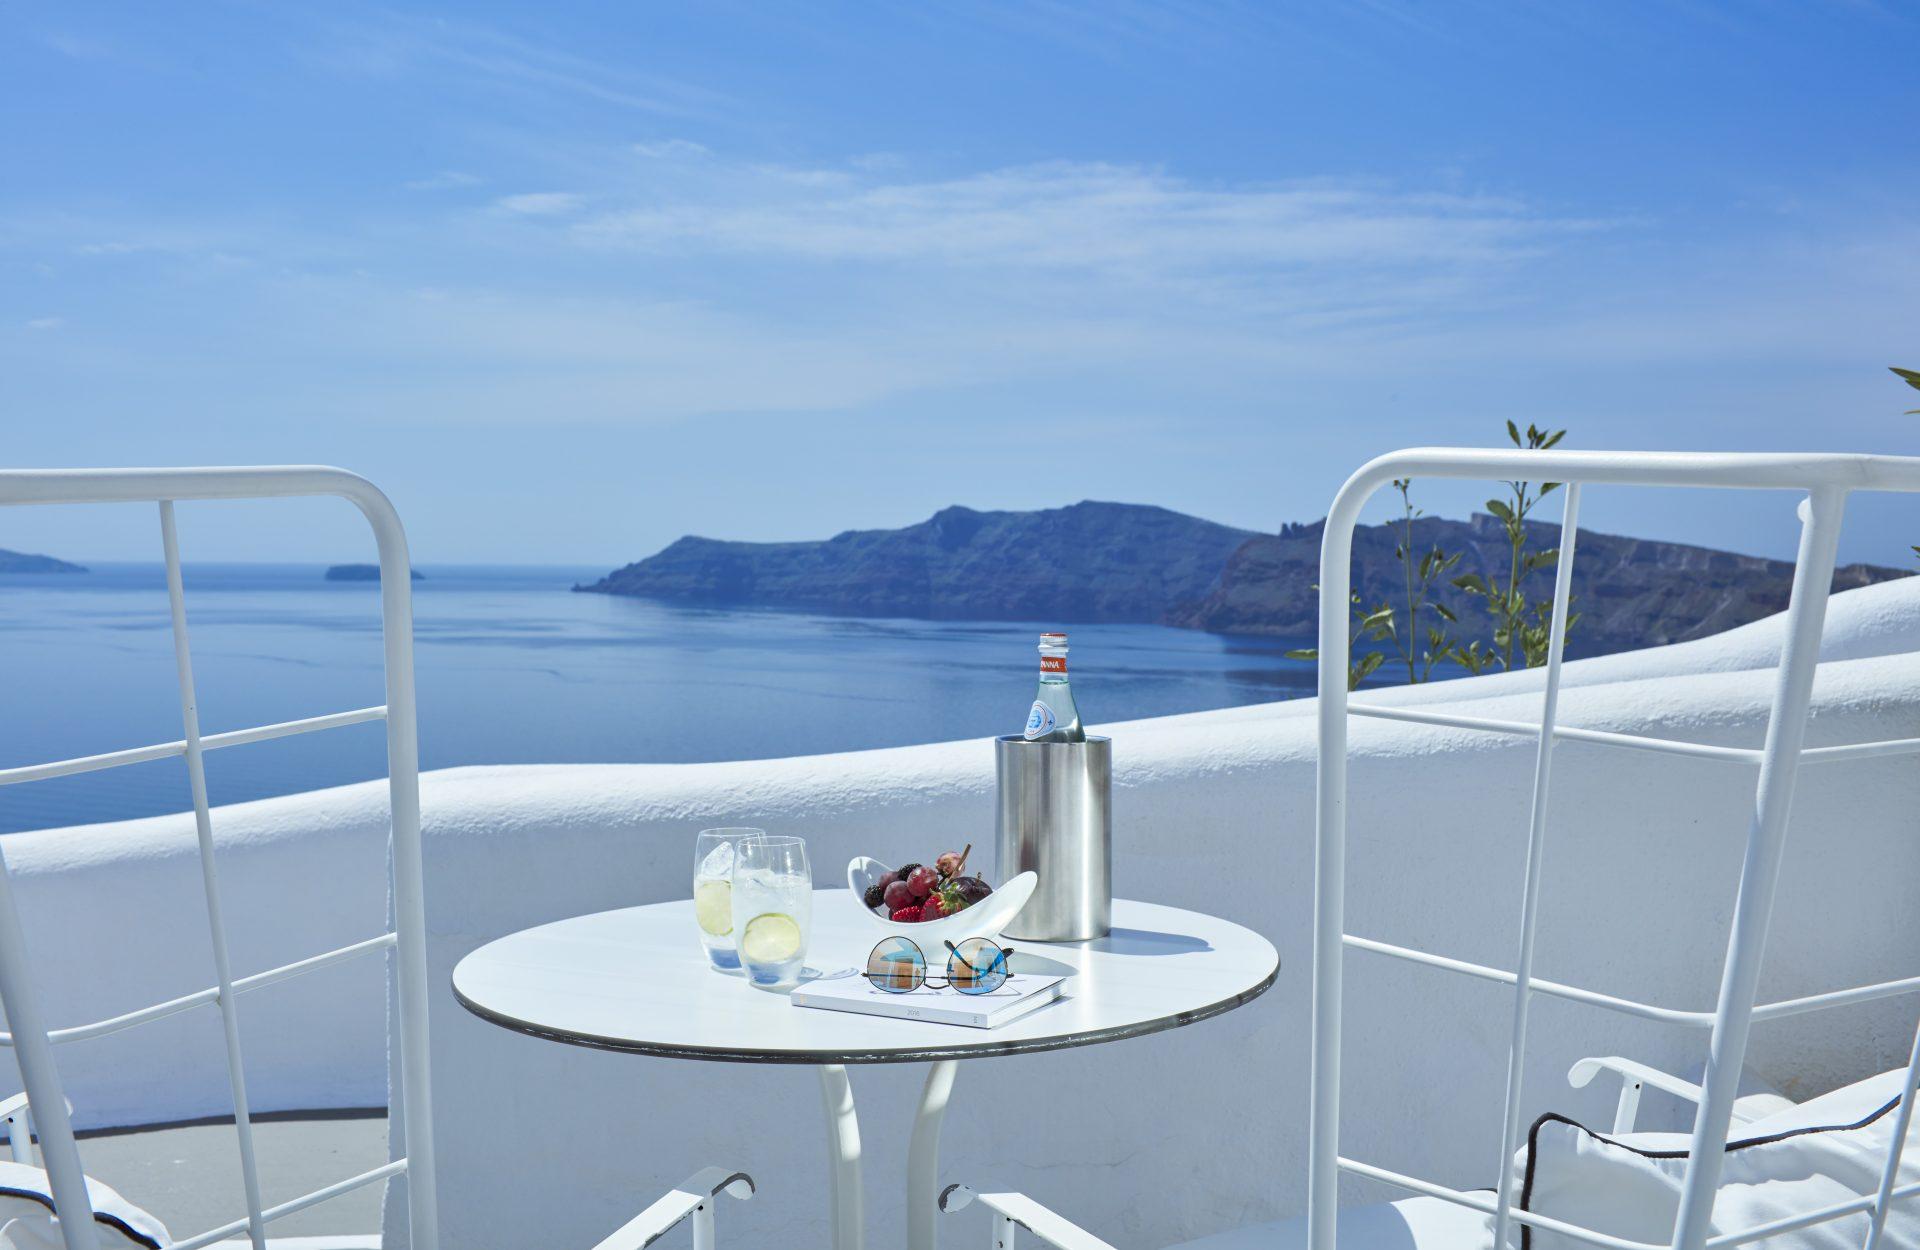 kirini-resort-view-santorini